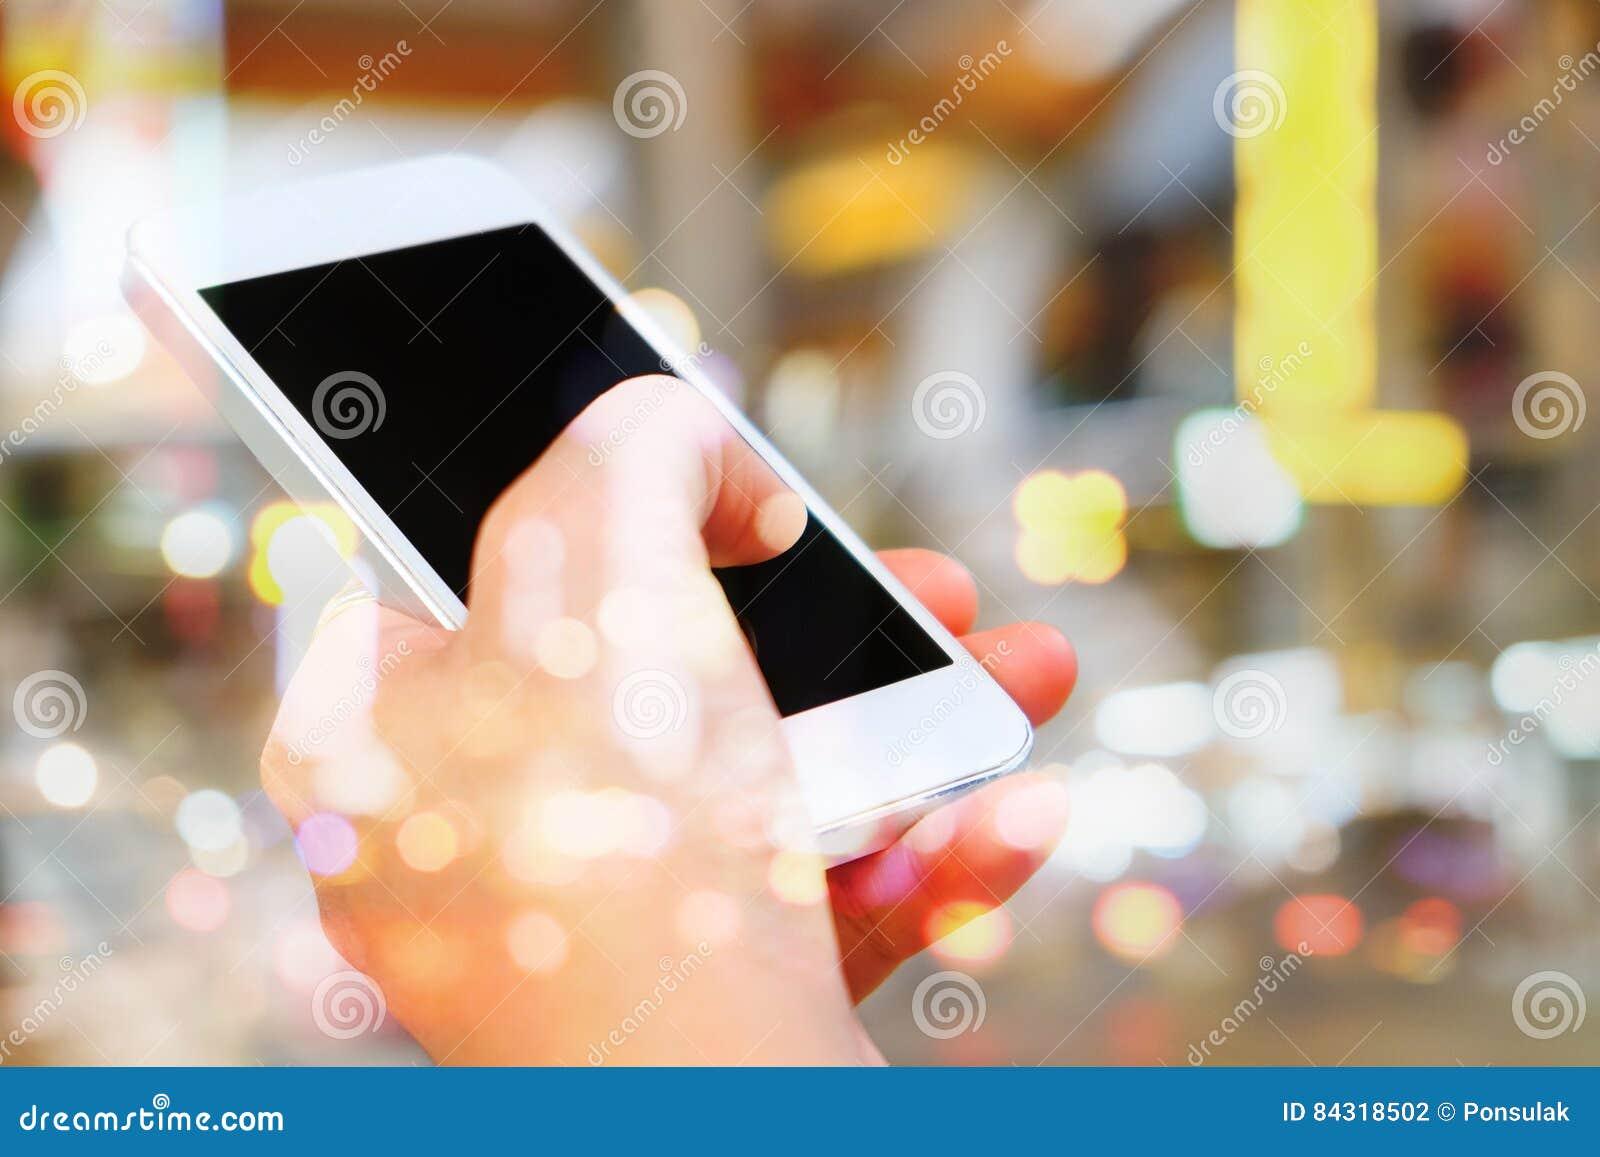 Communication Technology Stock Photo. Image Of Holding